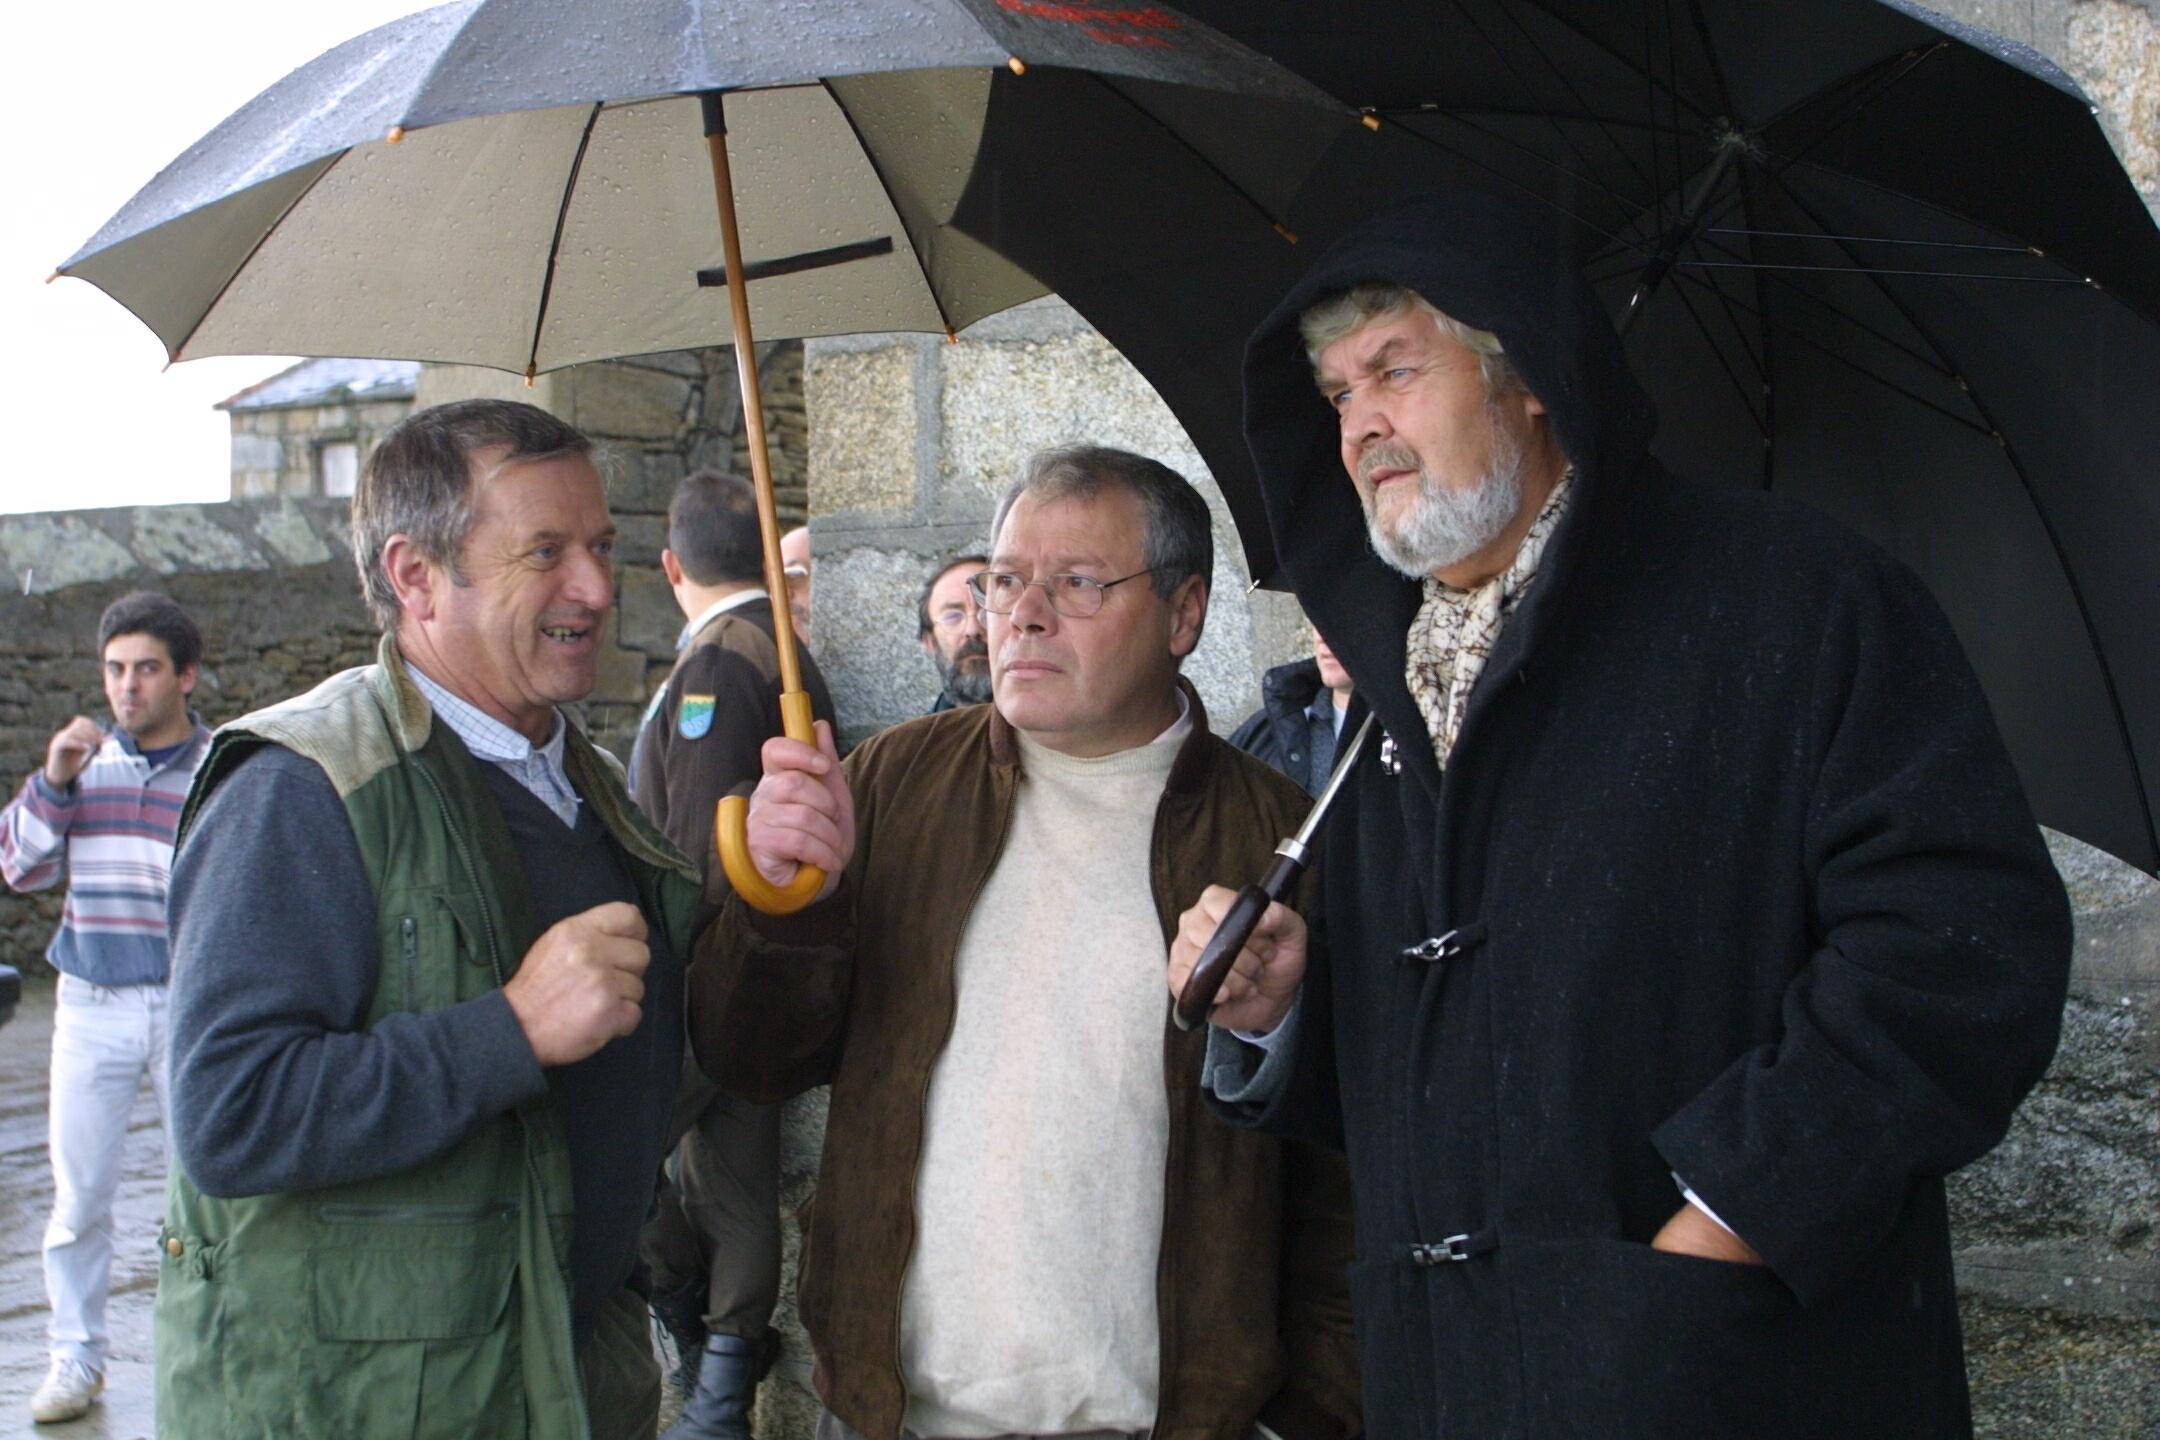 Xosé Manuel Beiras fue el primer político que visitó la zona del accidente. <br><b>José Manuel Casal</b>